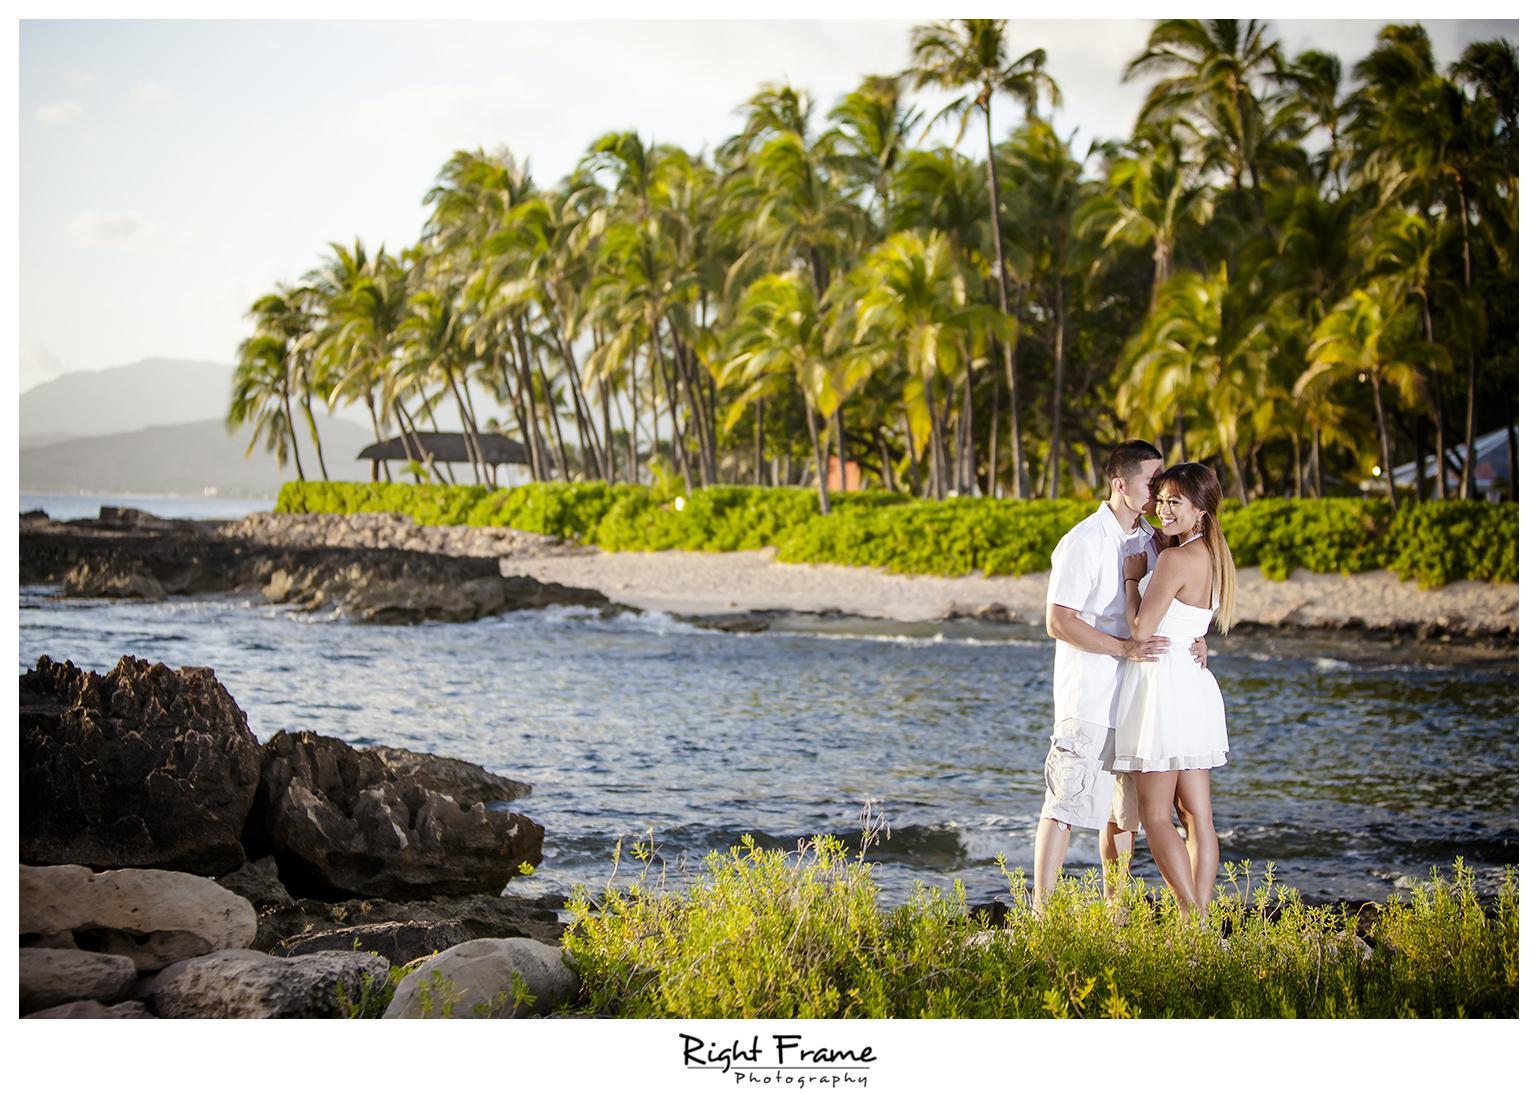 005_honolulu_engagement_photographers